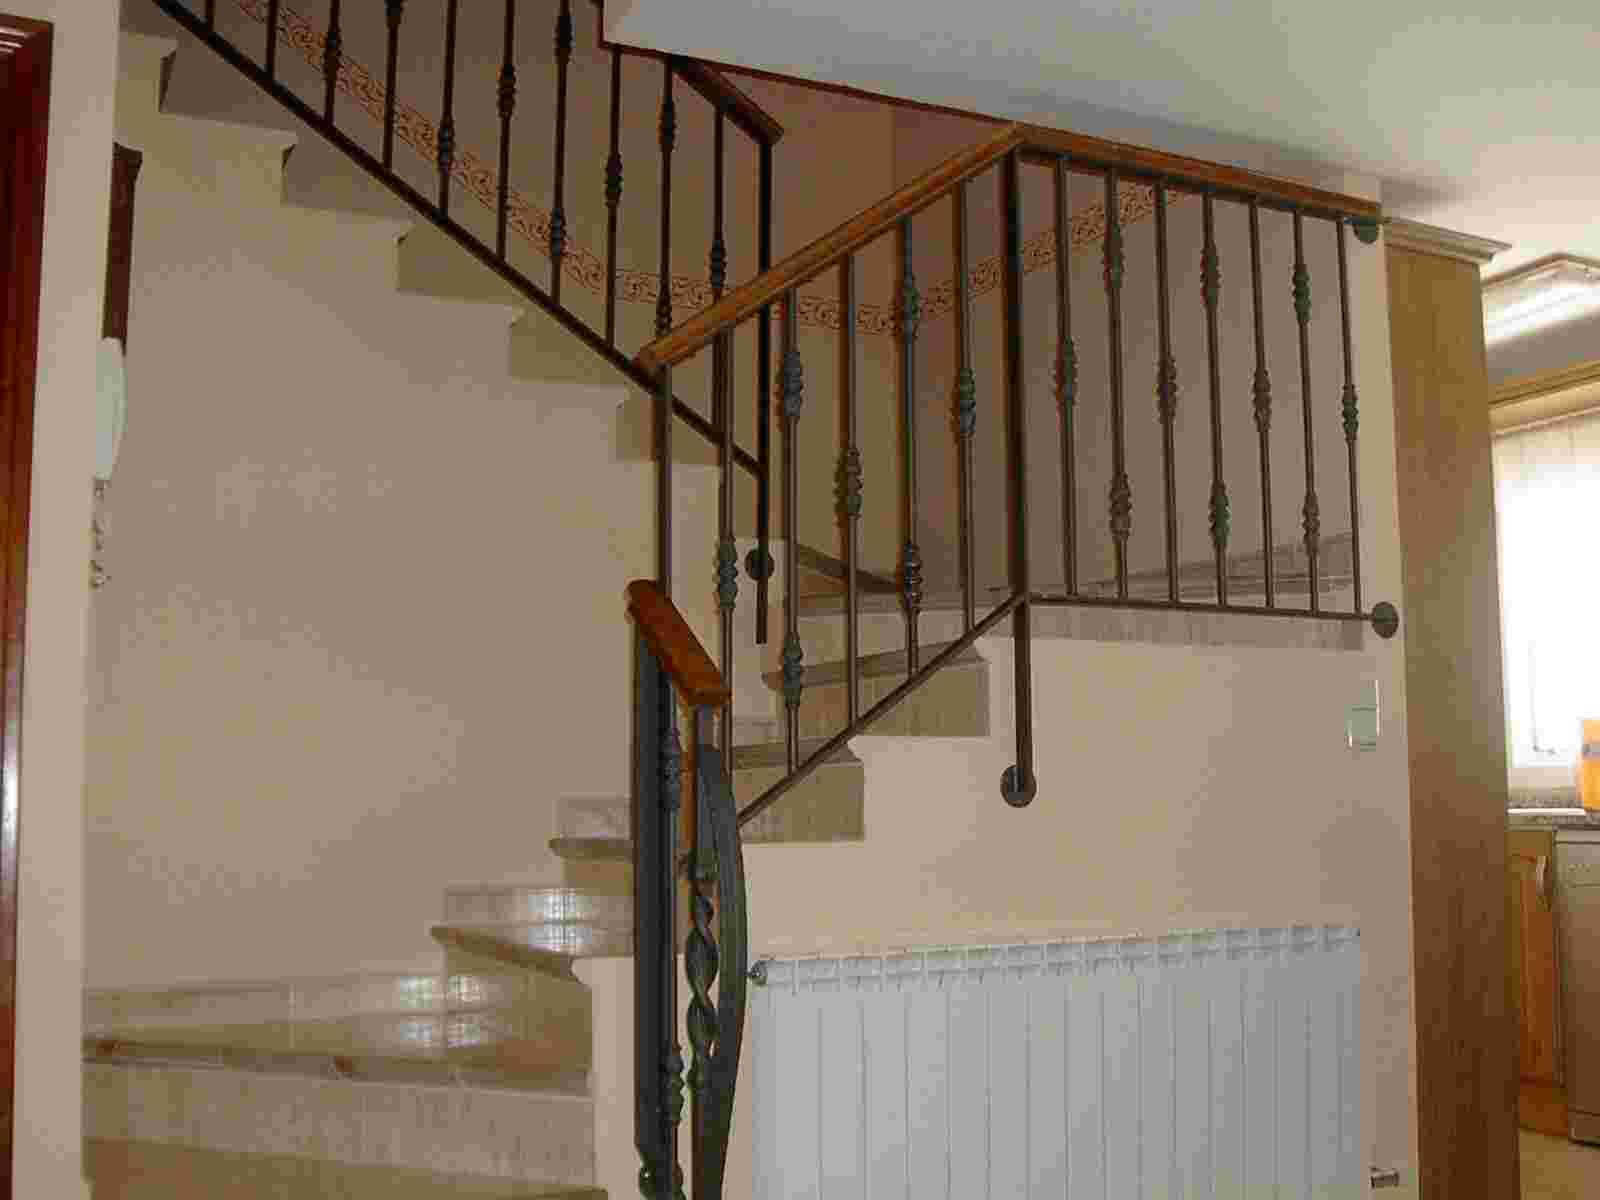 Barandas de hierro - Barandas de escaleras de madera ...